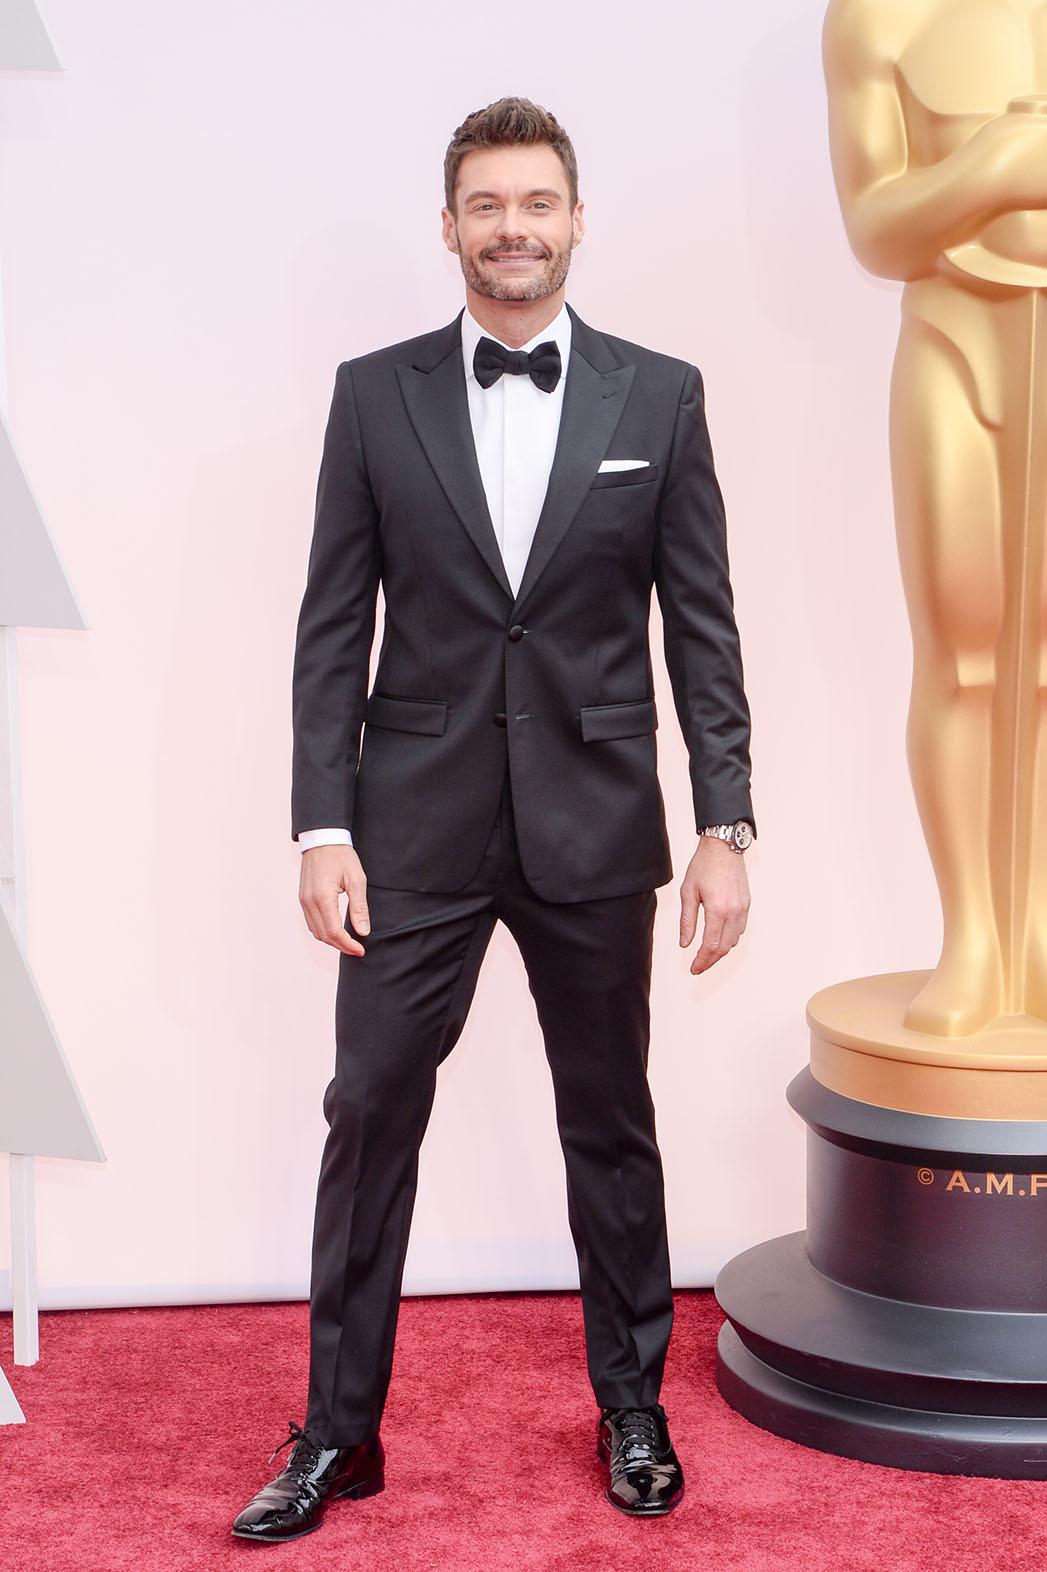 Ryan Seacrest Red Carpet - P 2015